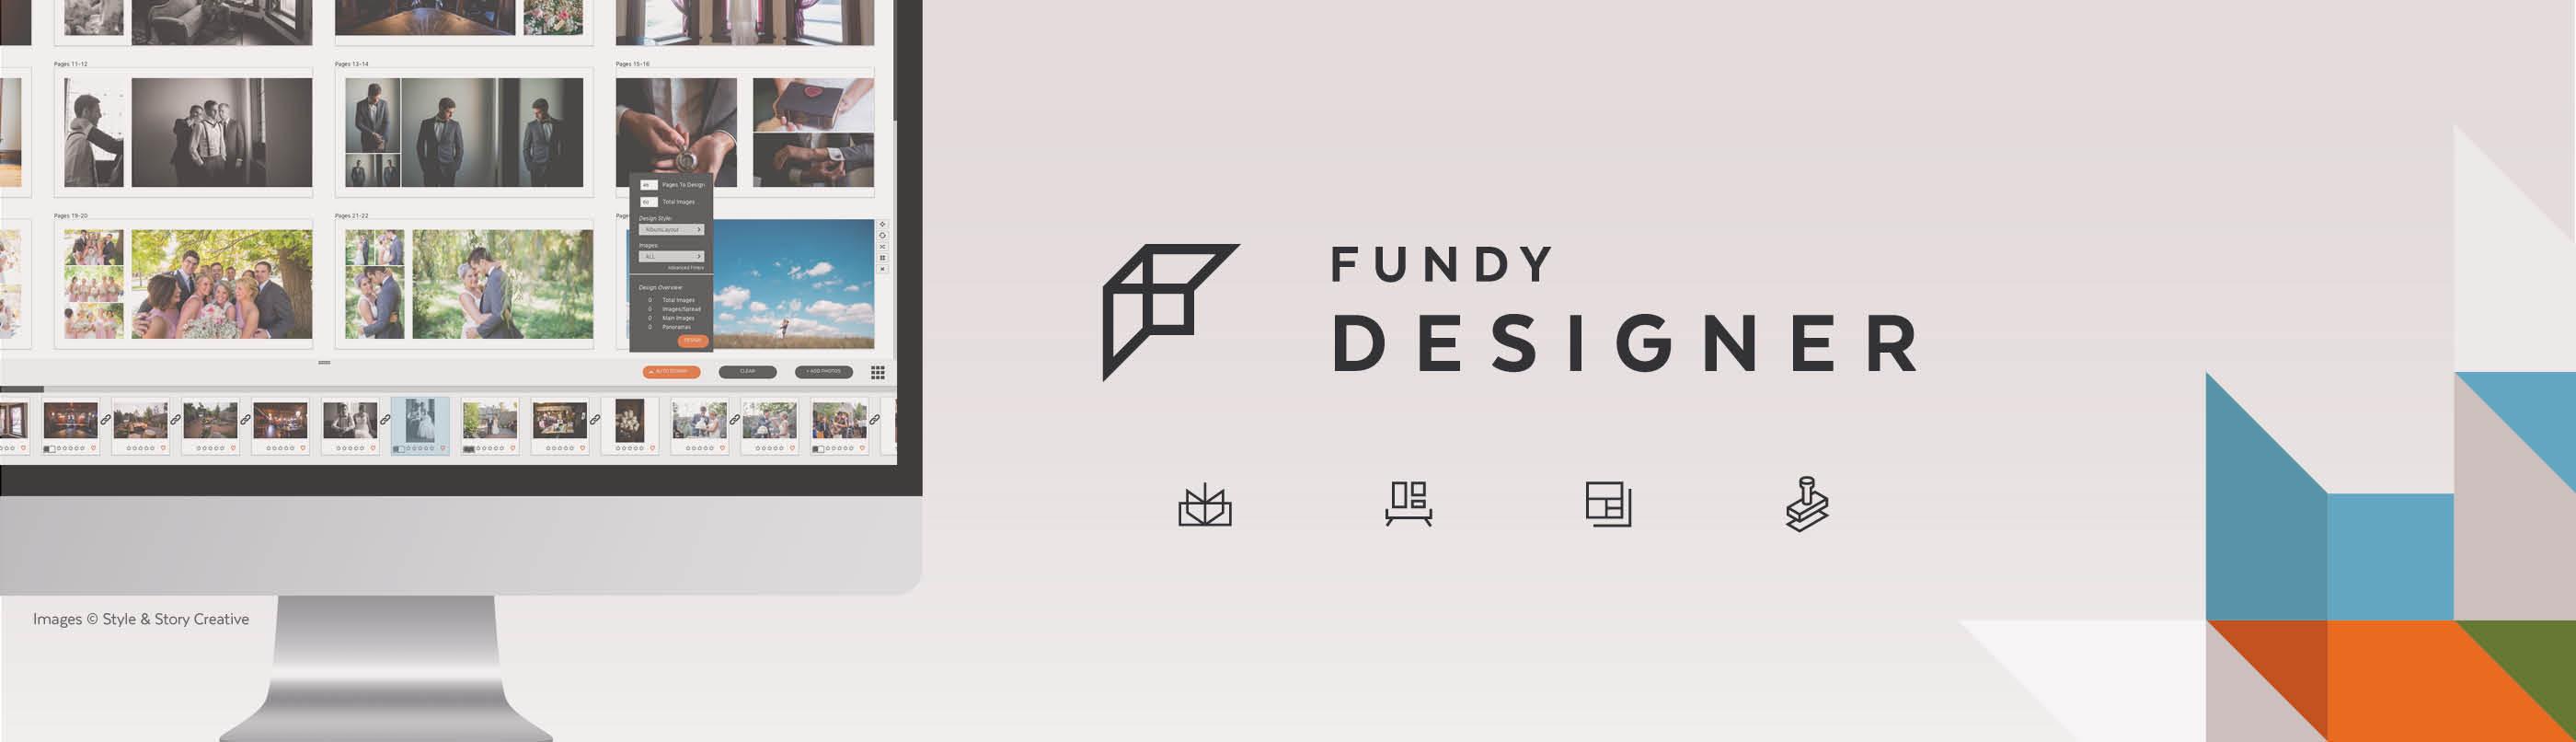 Fundy Designer Free Download